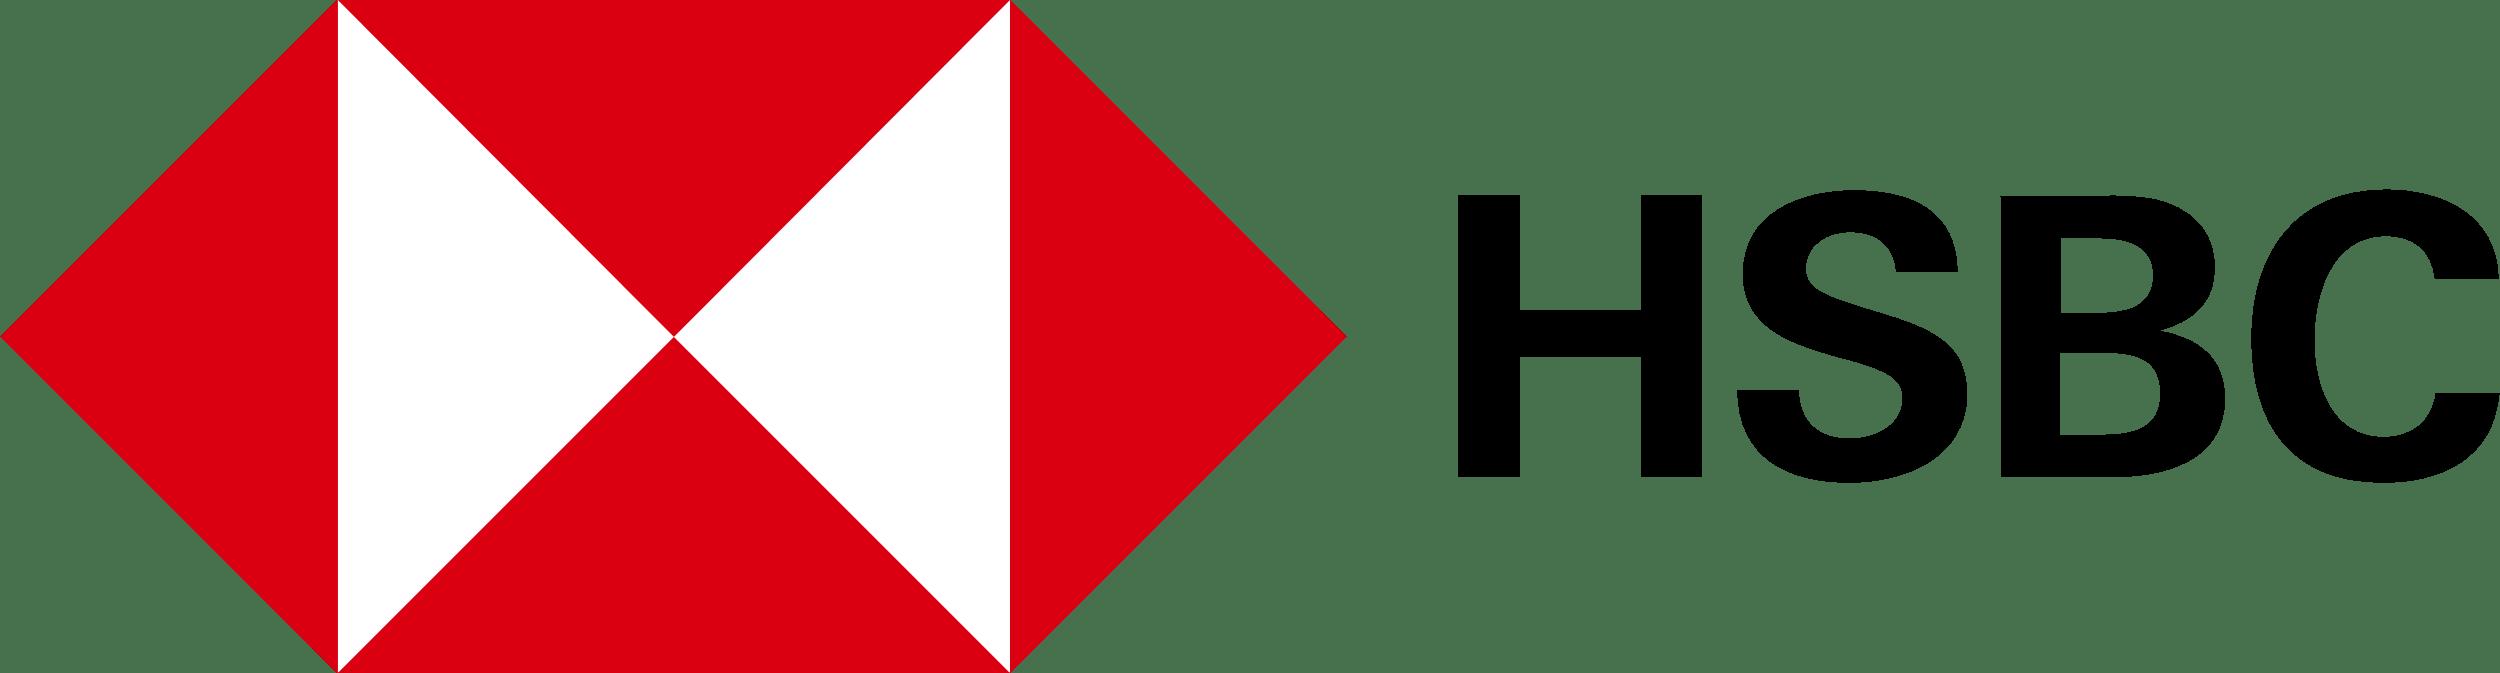 HSBC Minimotors Installment Credit Card 0 Interest